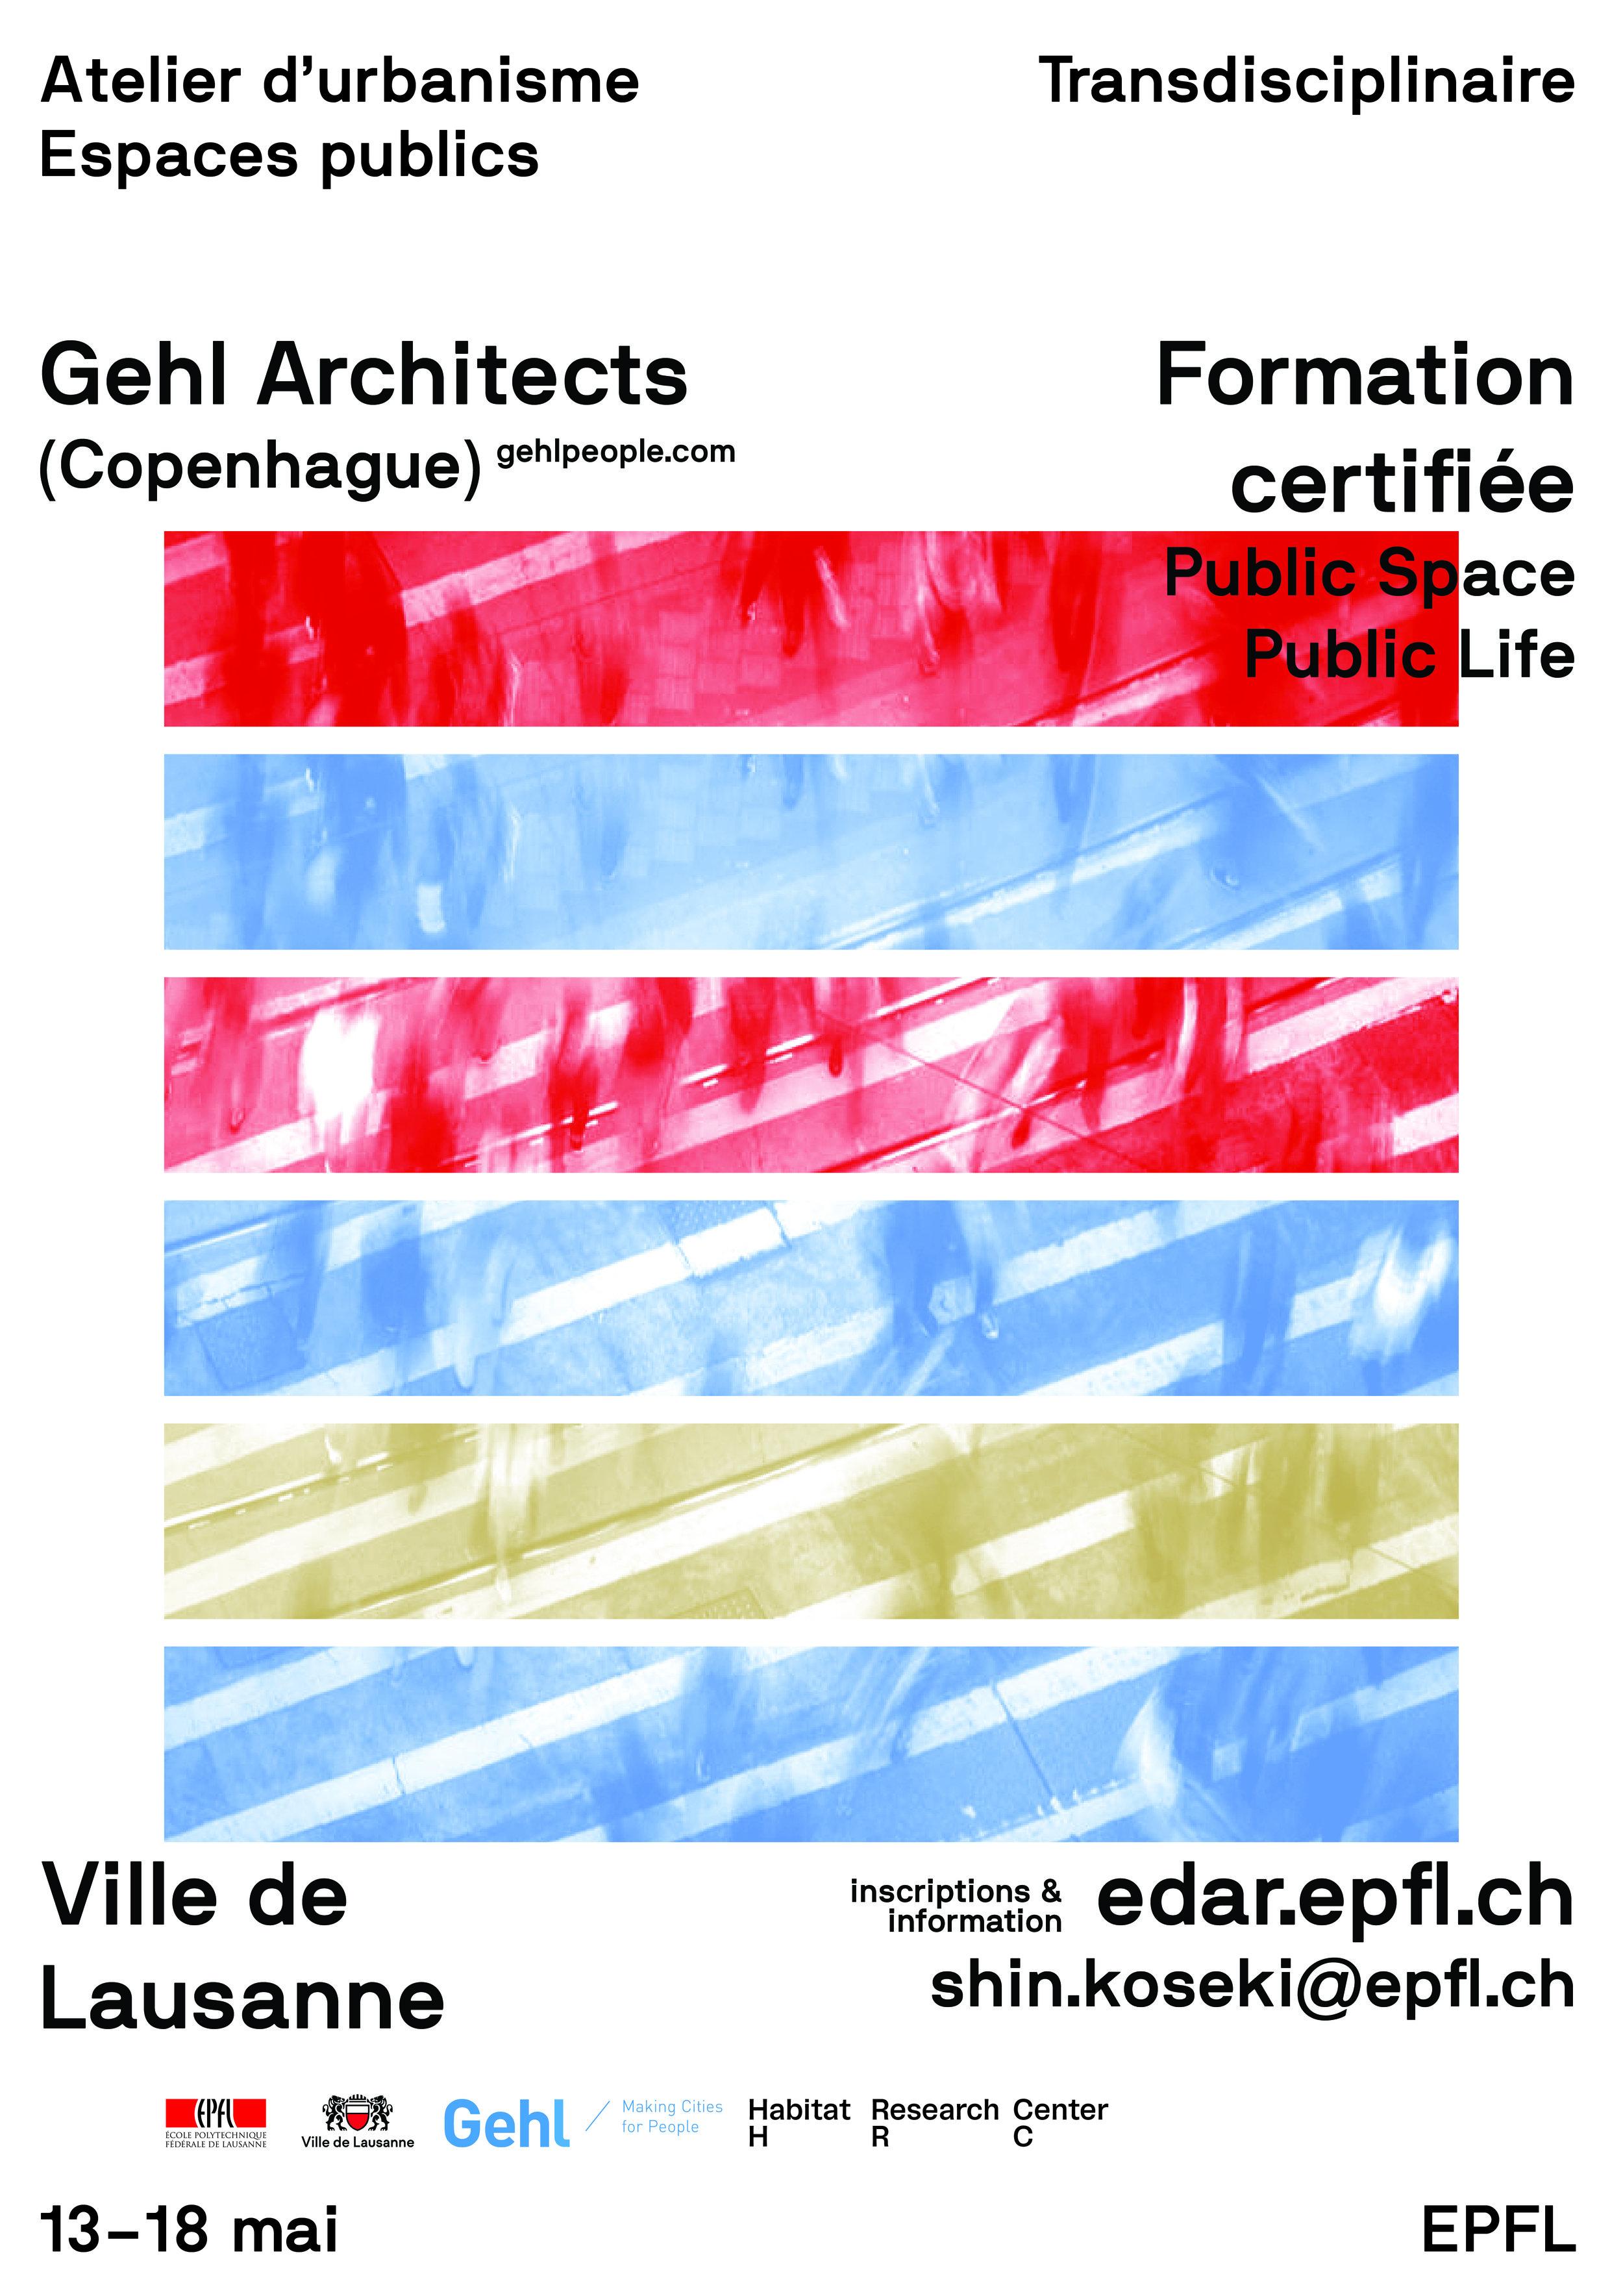 espace_public-a2-190325-p1.jpg